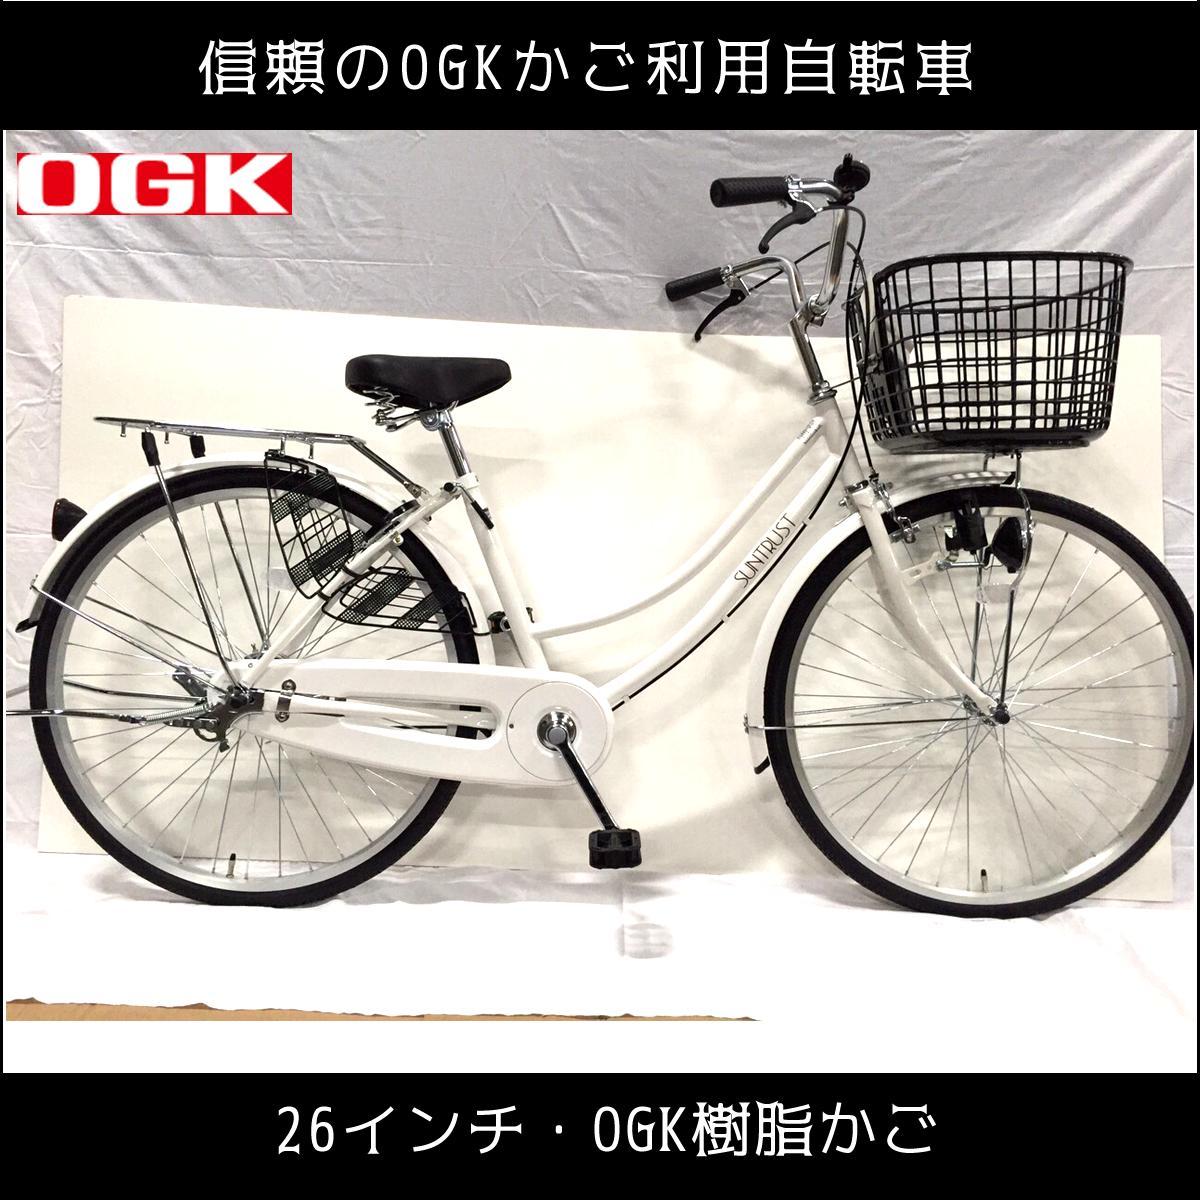 2台セット販売【送料無料 激安 自転車 品質のOGK樹脂かご ママチャリ】SUNTRUST(サントラスト) OGKかご 軽快車(グリーン/緑)<通勤 通学 買い物に最適>【26インチ 自転車 ダイナモライト ママチャリ】 大きなOGK製の樹脂かごなので、使い勝手抜群なママチャリ。好きな色でリーズナブルでお手ごろ価格だから、気楽に街乗りできます。誕生日にも向いている激安自転車。